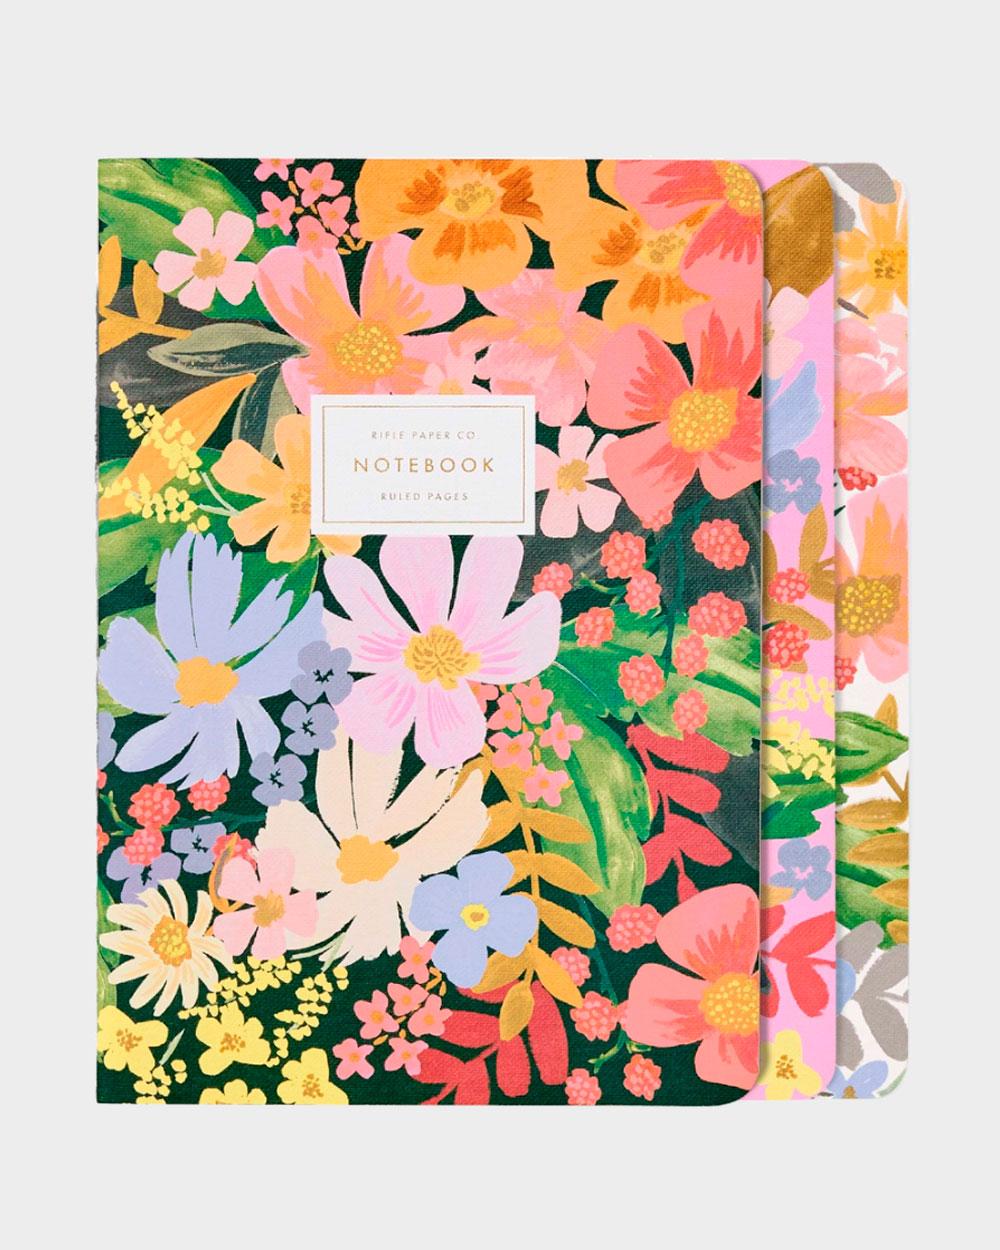 värikkäitä kukkakantisia vihkoja kolme kappaletta